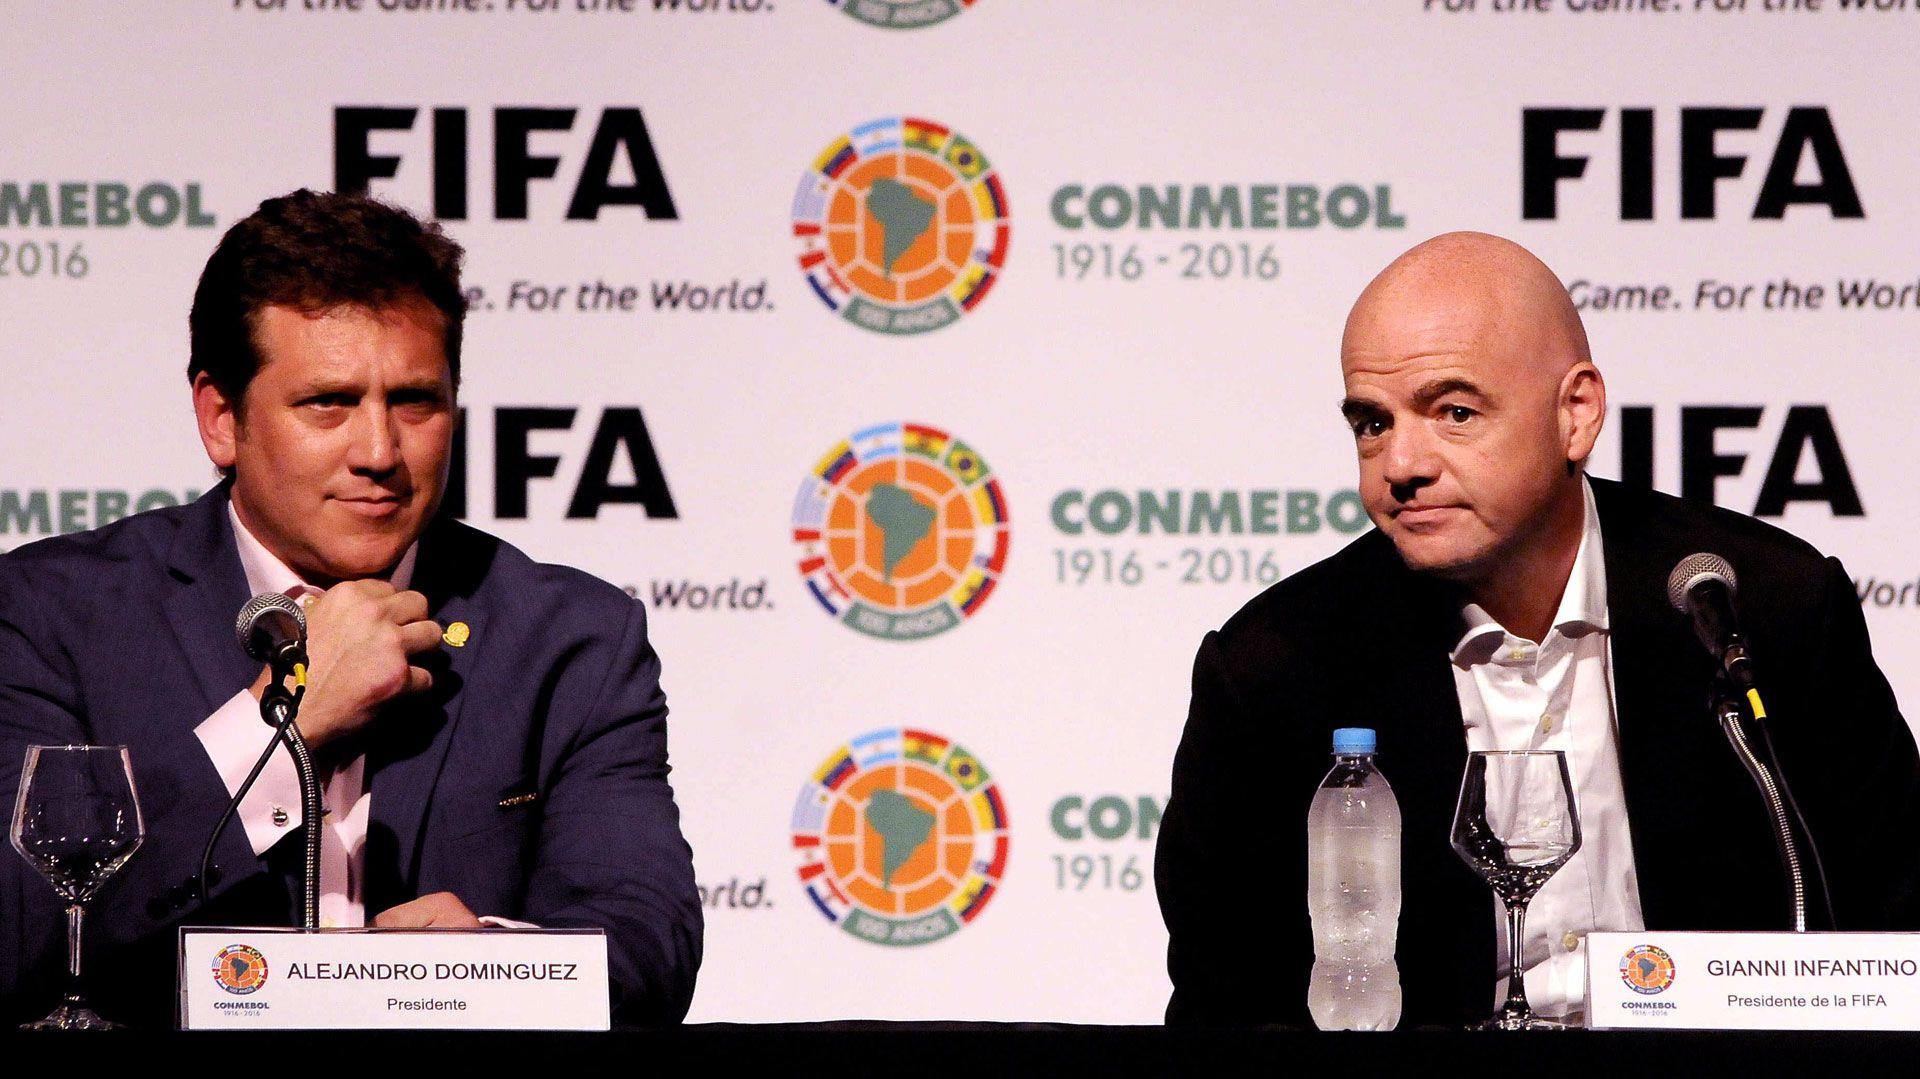 FIFA respaldó la decisión de la Conmebol y ratificó el inicio de las Eliminatorias sudamericanas en octubre Foto: EFE